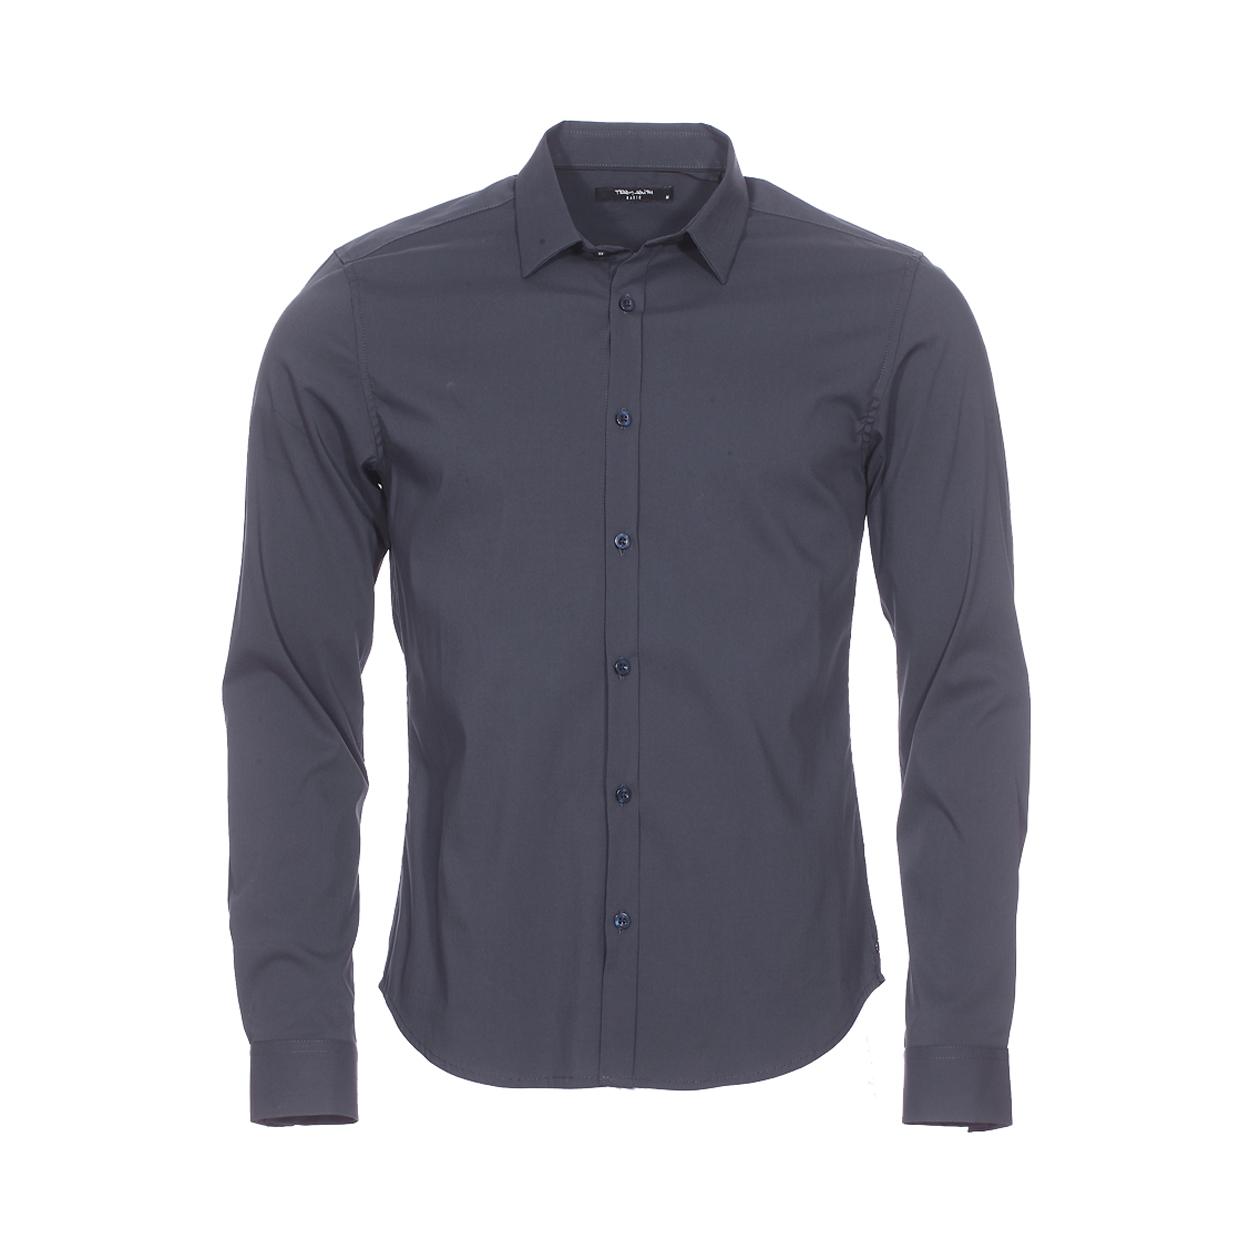 Chemise ajustée  en coton mélangé bleu nuit